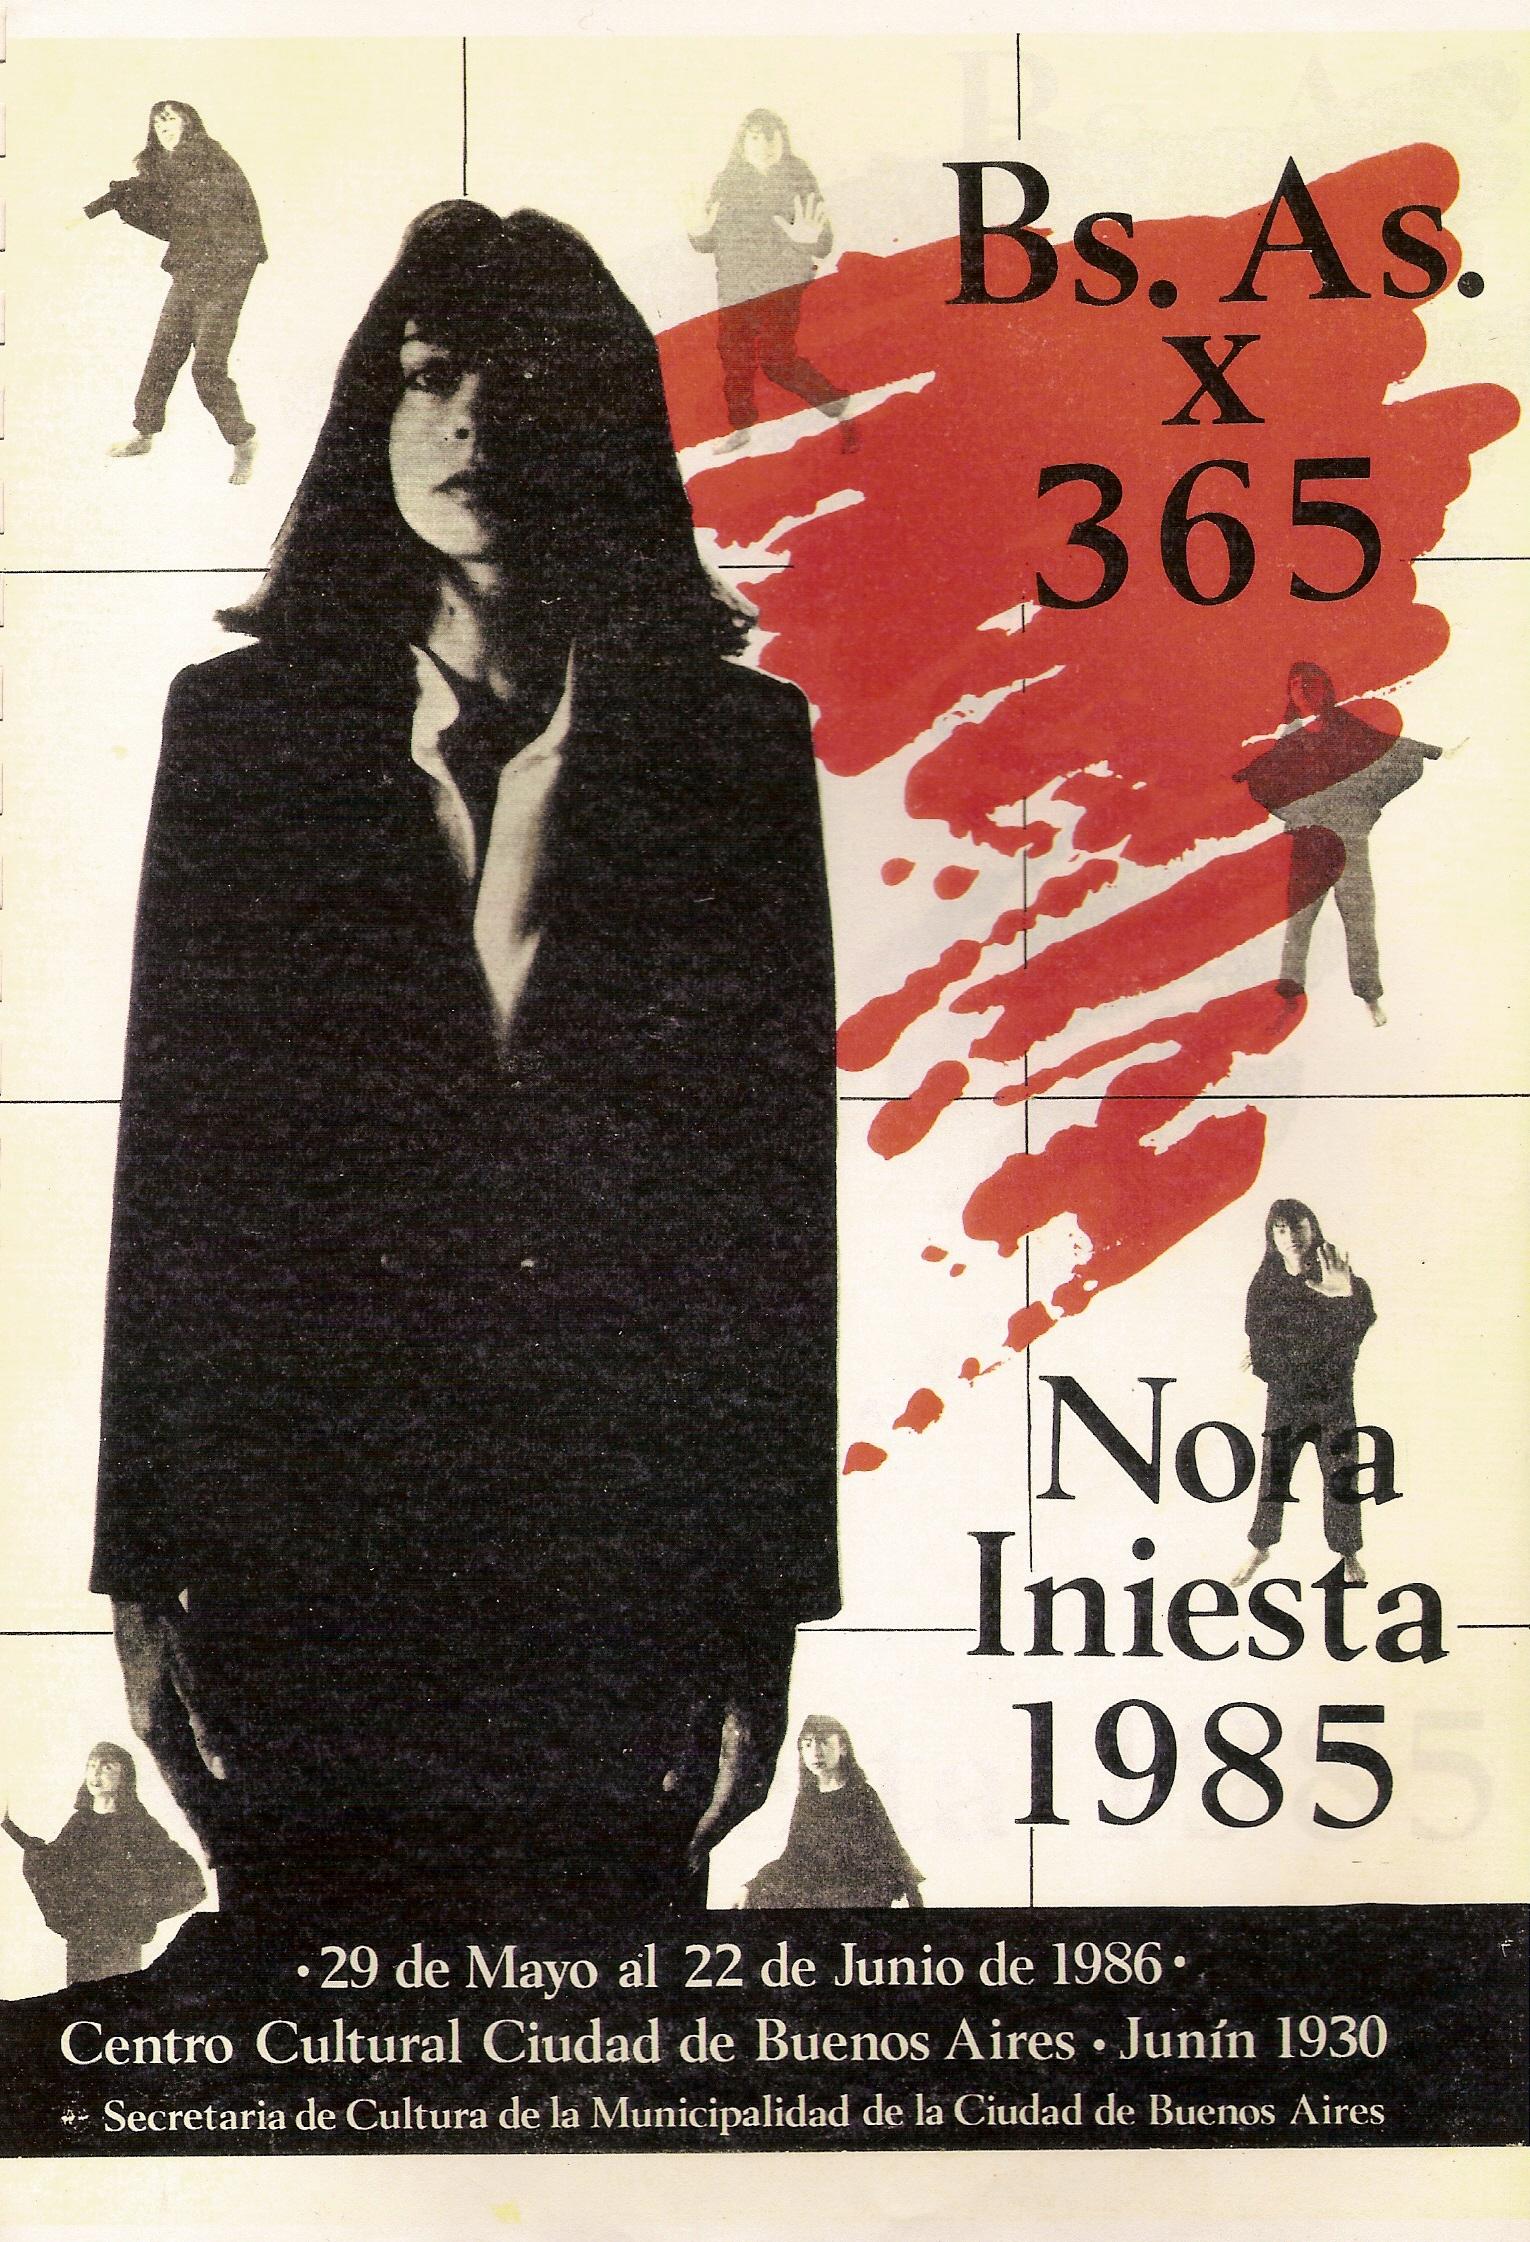 Buenos Aires x 365 por Nora Iniesta 1985